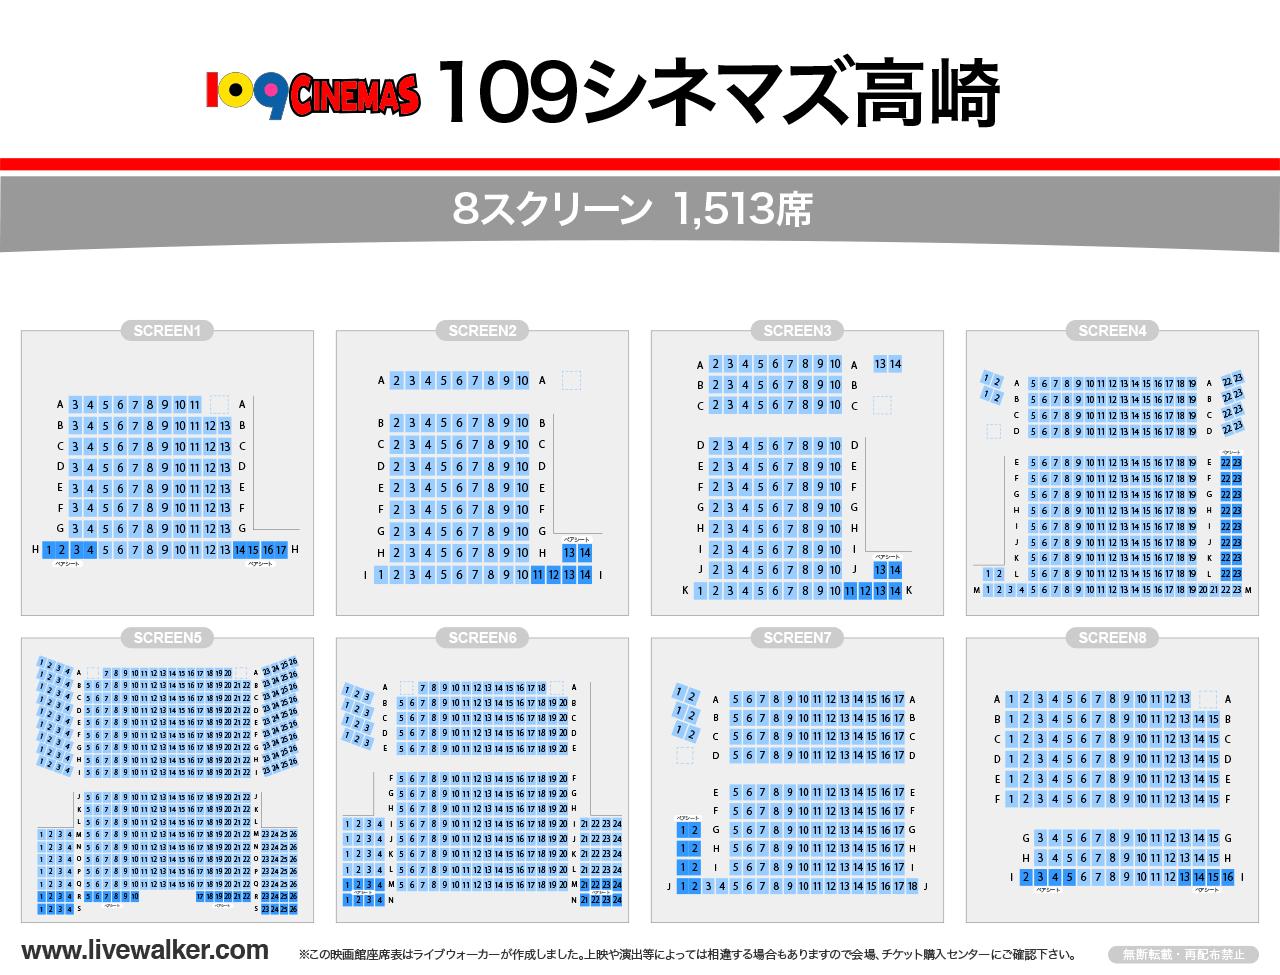 109シネマズ高崎 群馬県 高崎市 Livewalker Com 2020 群馬 高崎駅 シネコン